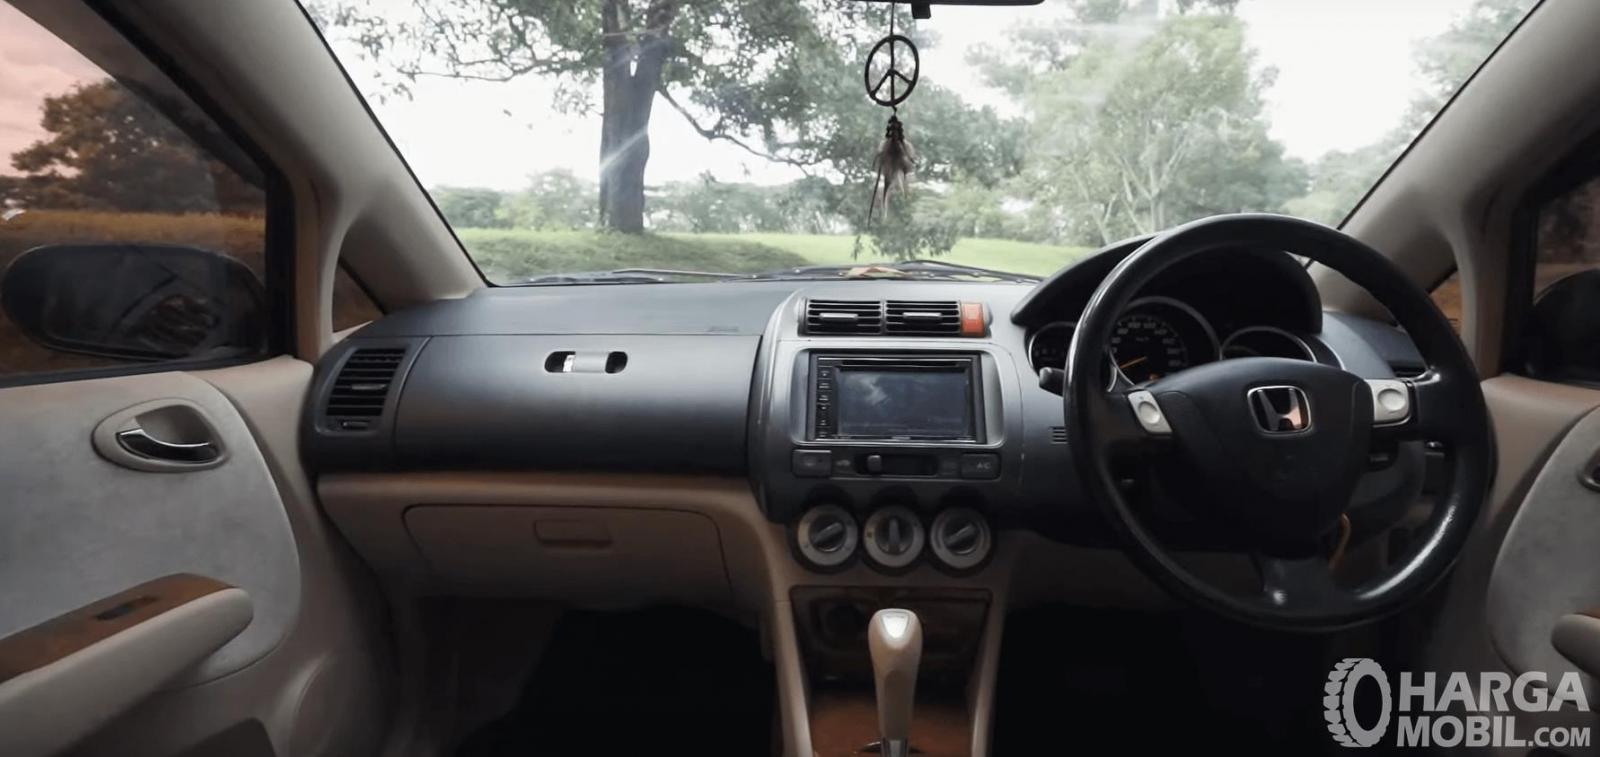 Gambar ini menunjukkan dashboard mobil Honda City i-DSI CVT 2008